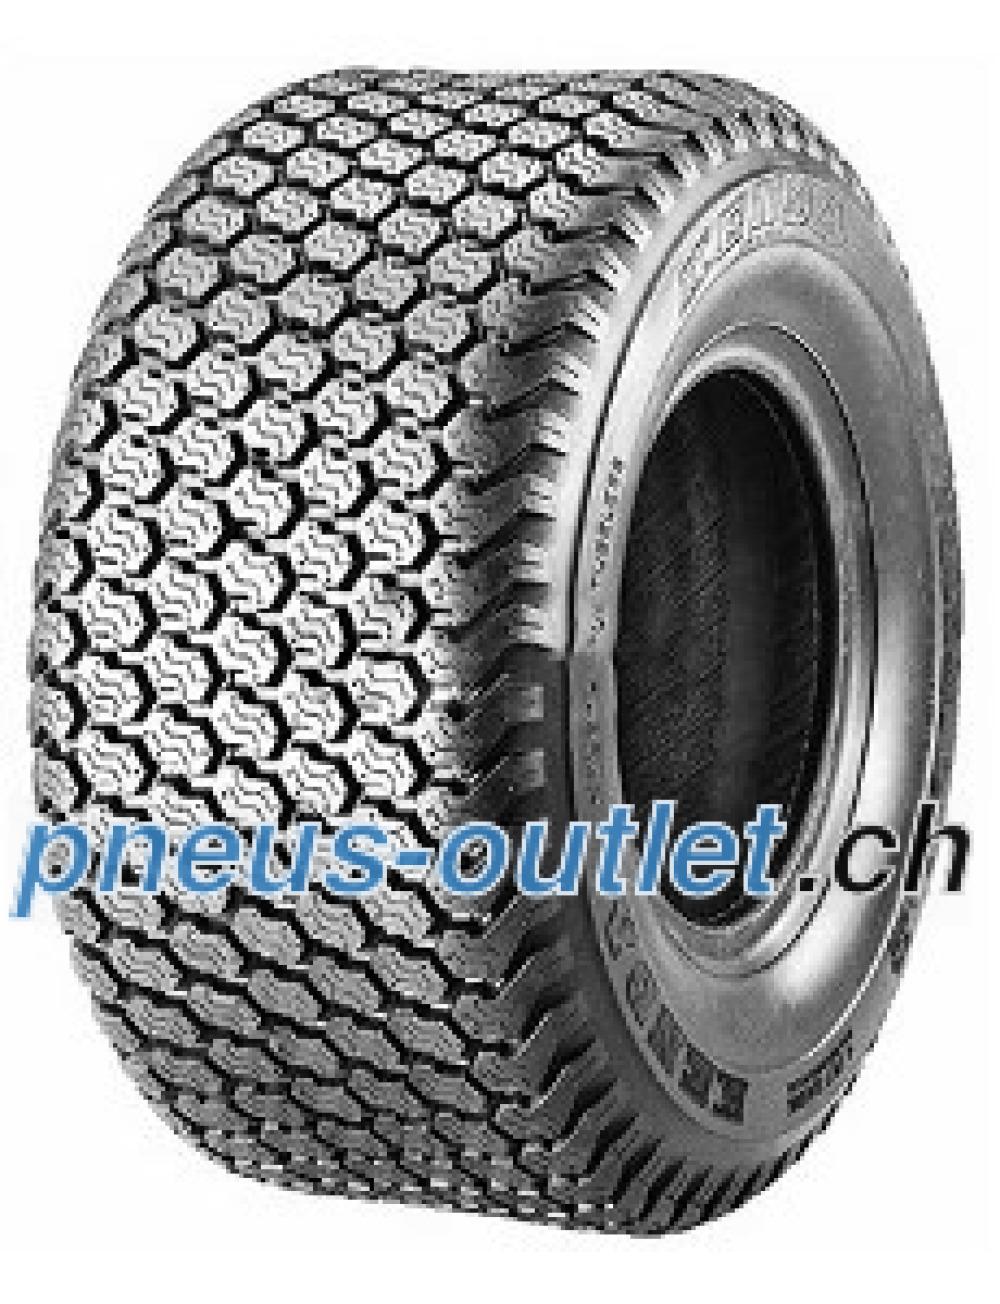 Import K500 Super Turf ( 20x10.00 -10 4PR TL )